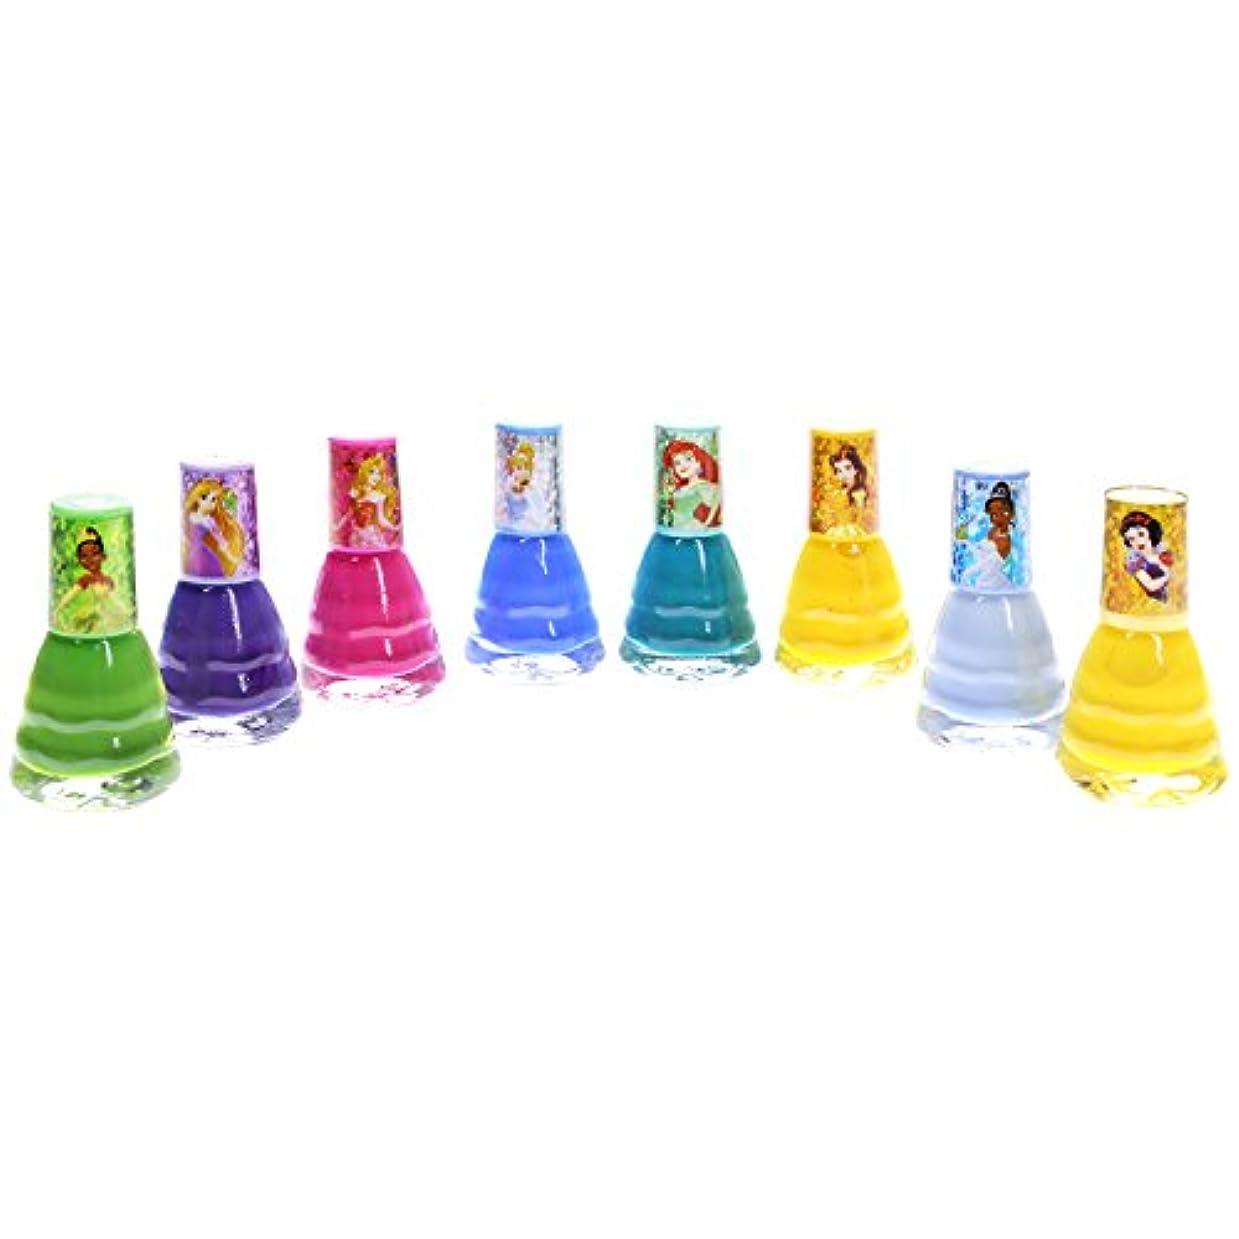 情熱パスタ強調する【Disney ディズニー】【PRINCESS プリンセス】キッズネイルセット 8ピース ドレス型 2.7ml×8個 子供用マニュキュア Nail Polish set